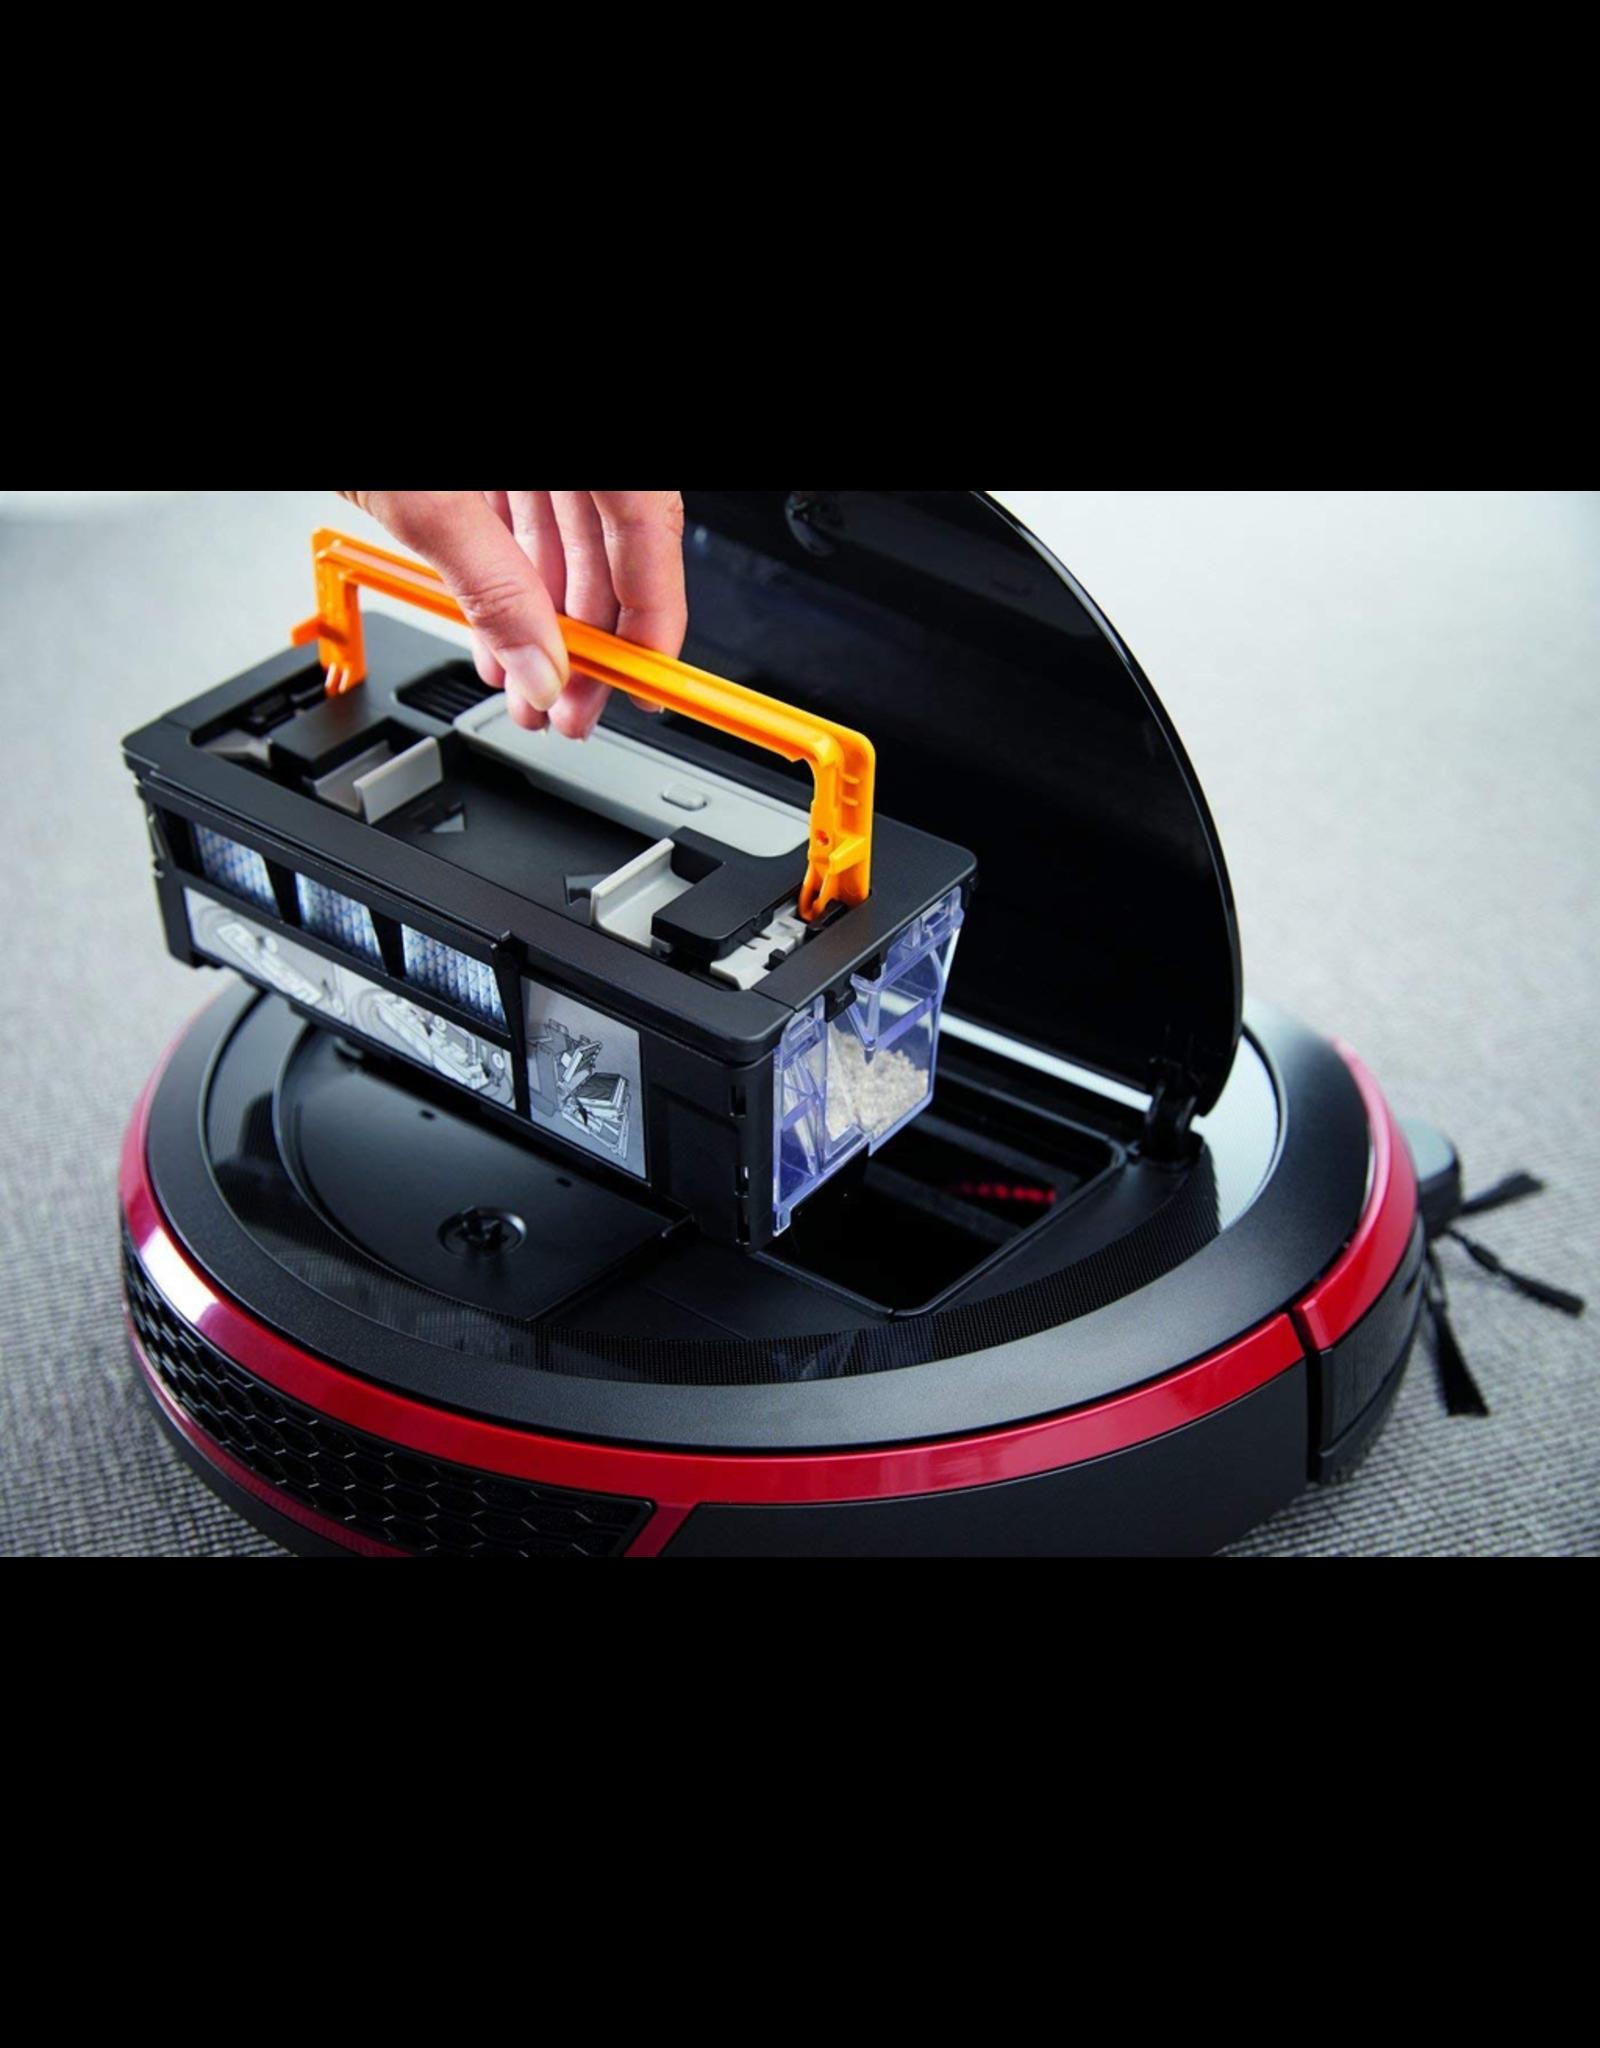 Miele Miele Scout RX2 Robot Vacuum